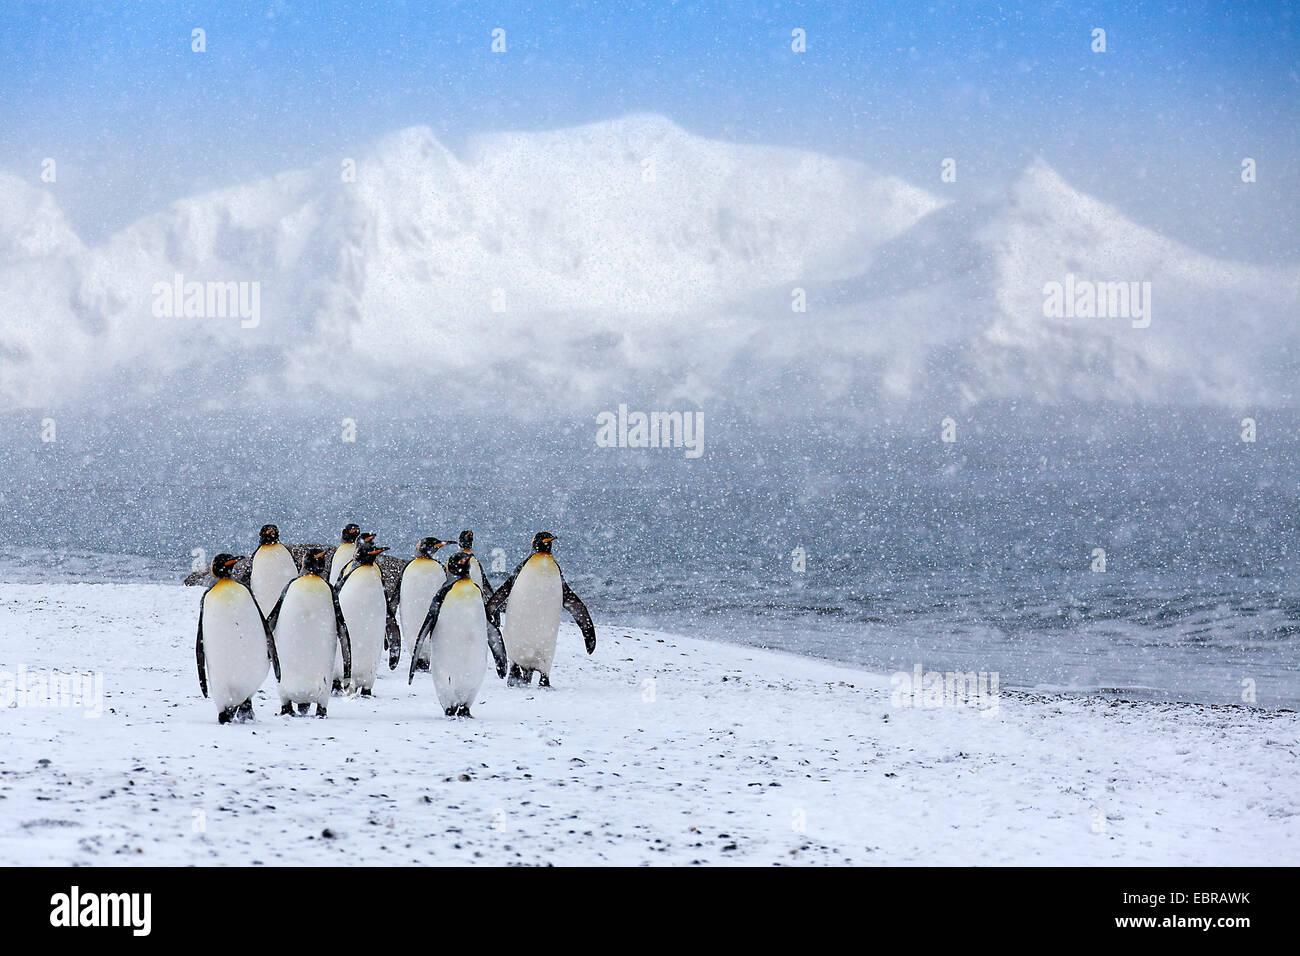 Manchot royal (Aptenodytes patagonicus), groupe de fortes chutes de neige, l'Antarctique, Suedgeorgien, Saint Andrews Bay Banque D'Images